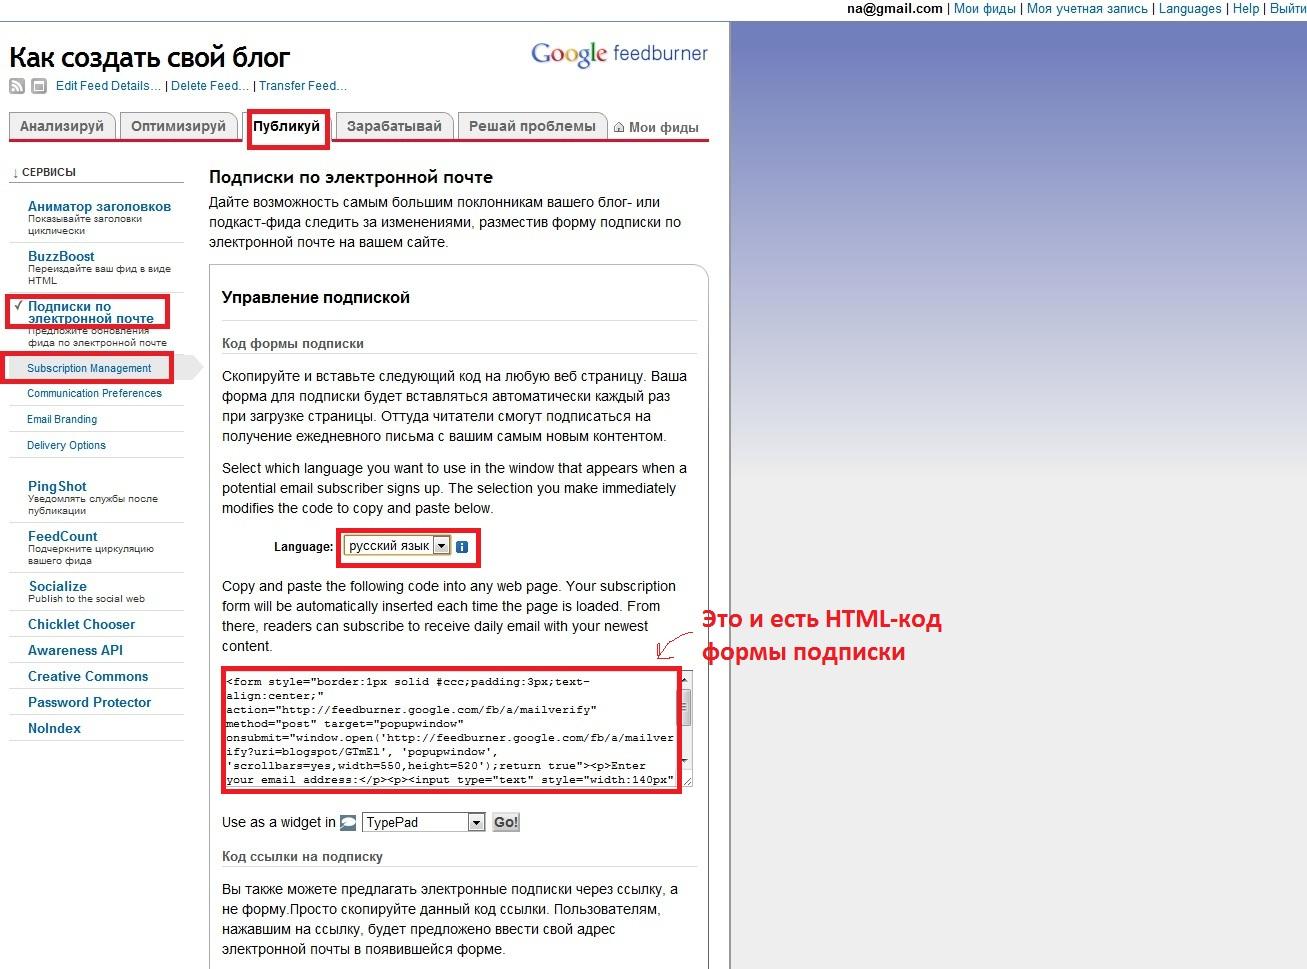 Как создать страницу захвата. Landing page